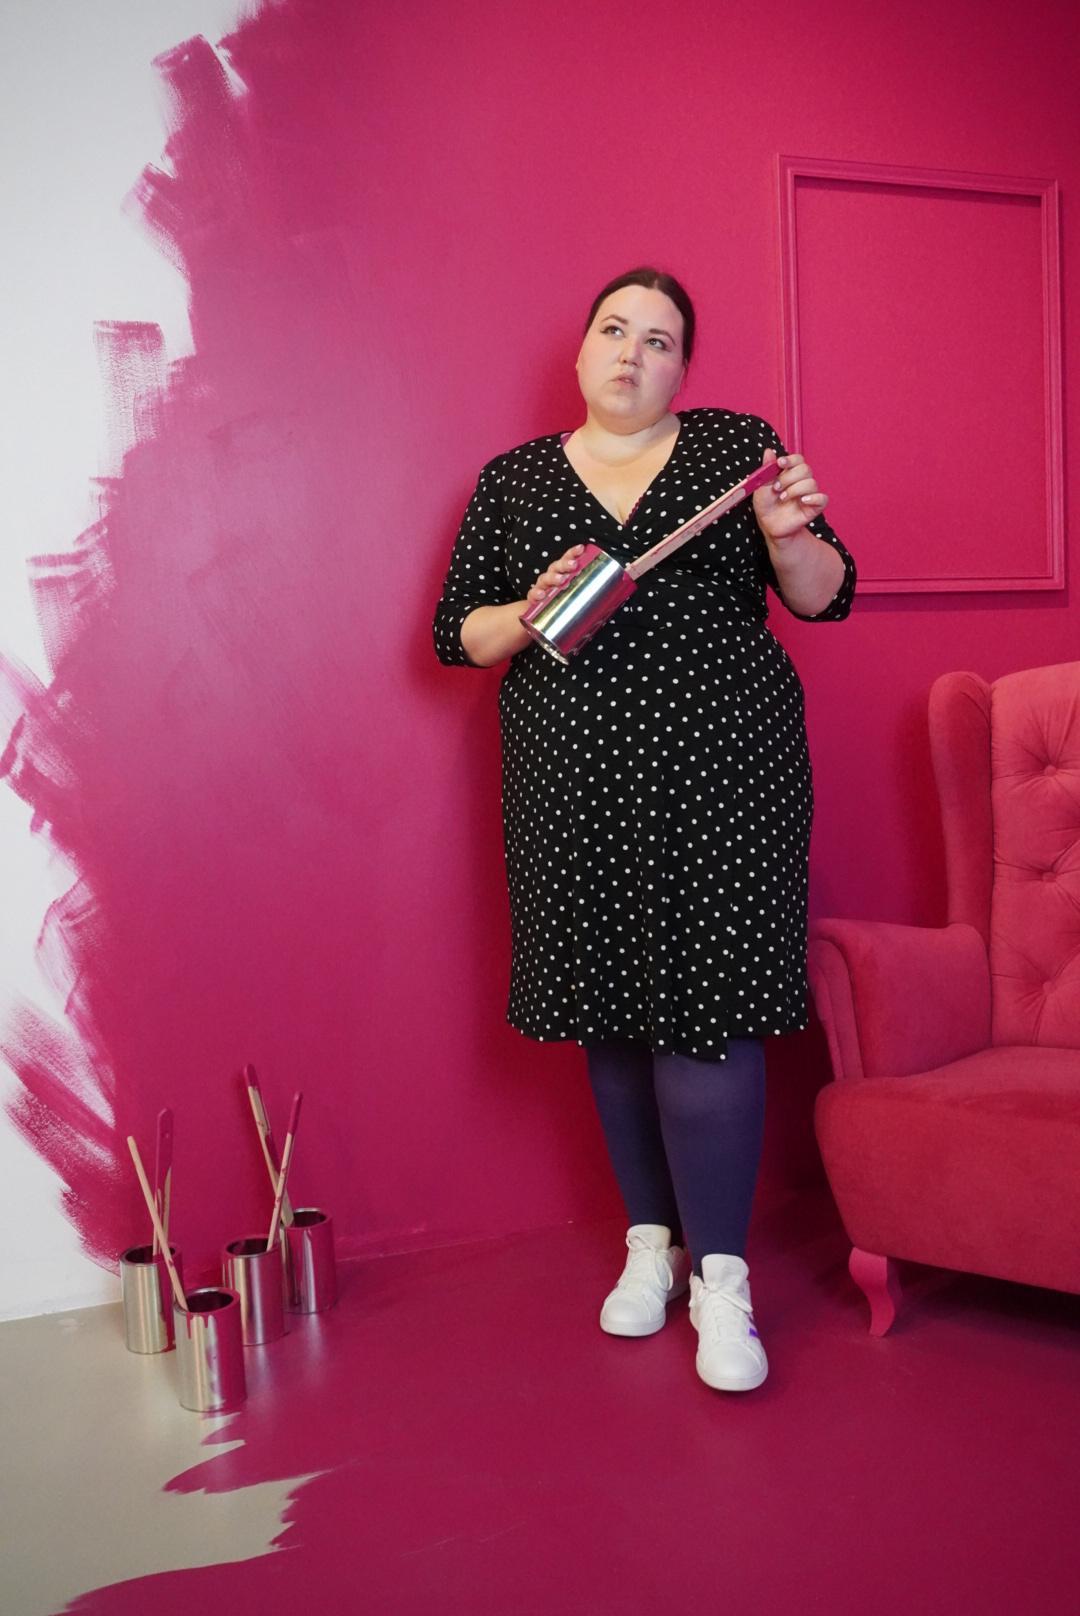 Auf dem Bild sieht man eine Frau in einem Punktkleid mit lila Strumpfhose und weißen Schuhen, die in einem komplett pinkfarbenen Raum steht, der an der linken Seite noch nicht fertig gestrichen ist. Unten auf dem Boden auf der linken Seite stehen einige silberne Farbdosen mit Pinseln drin. Die Frau hält eine der Dosen mit Pinsel in den Händen.